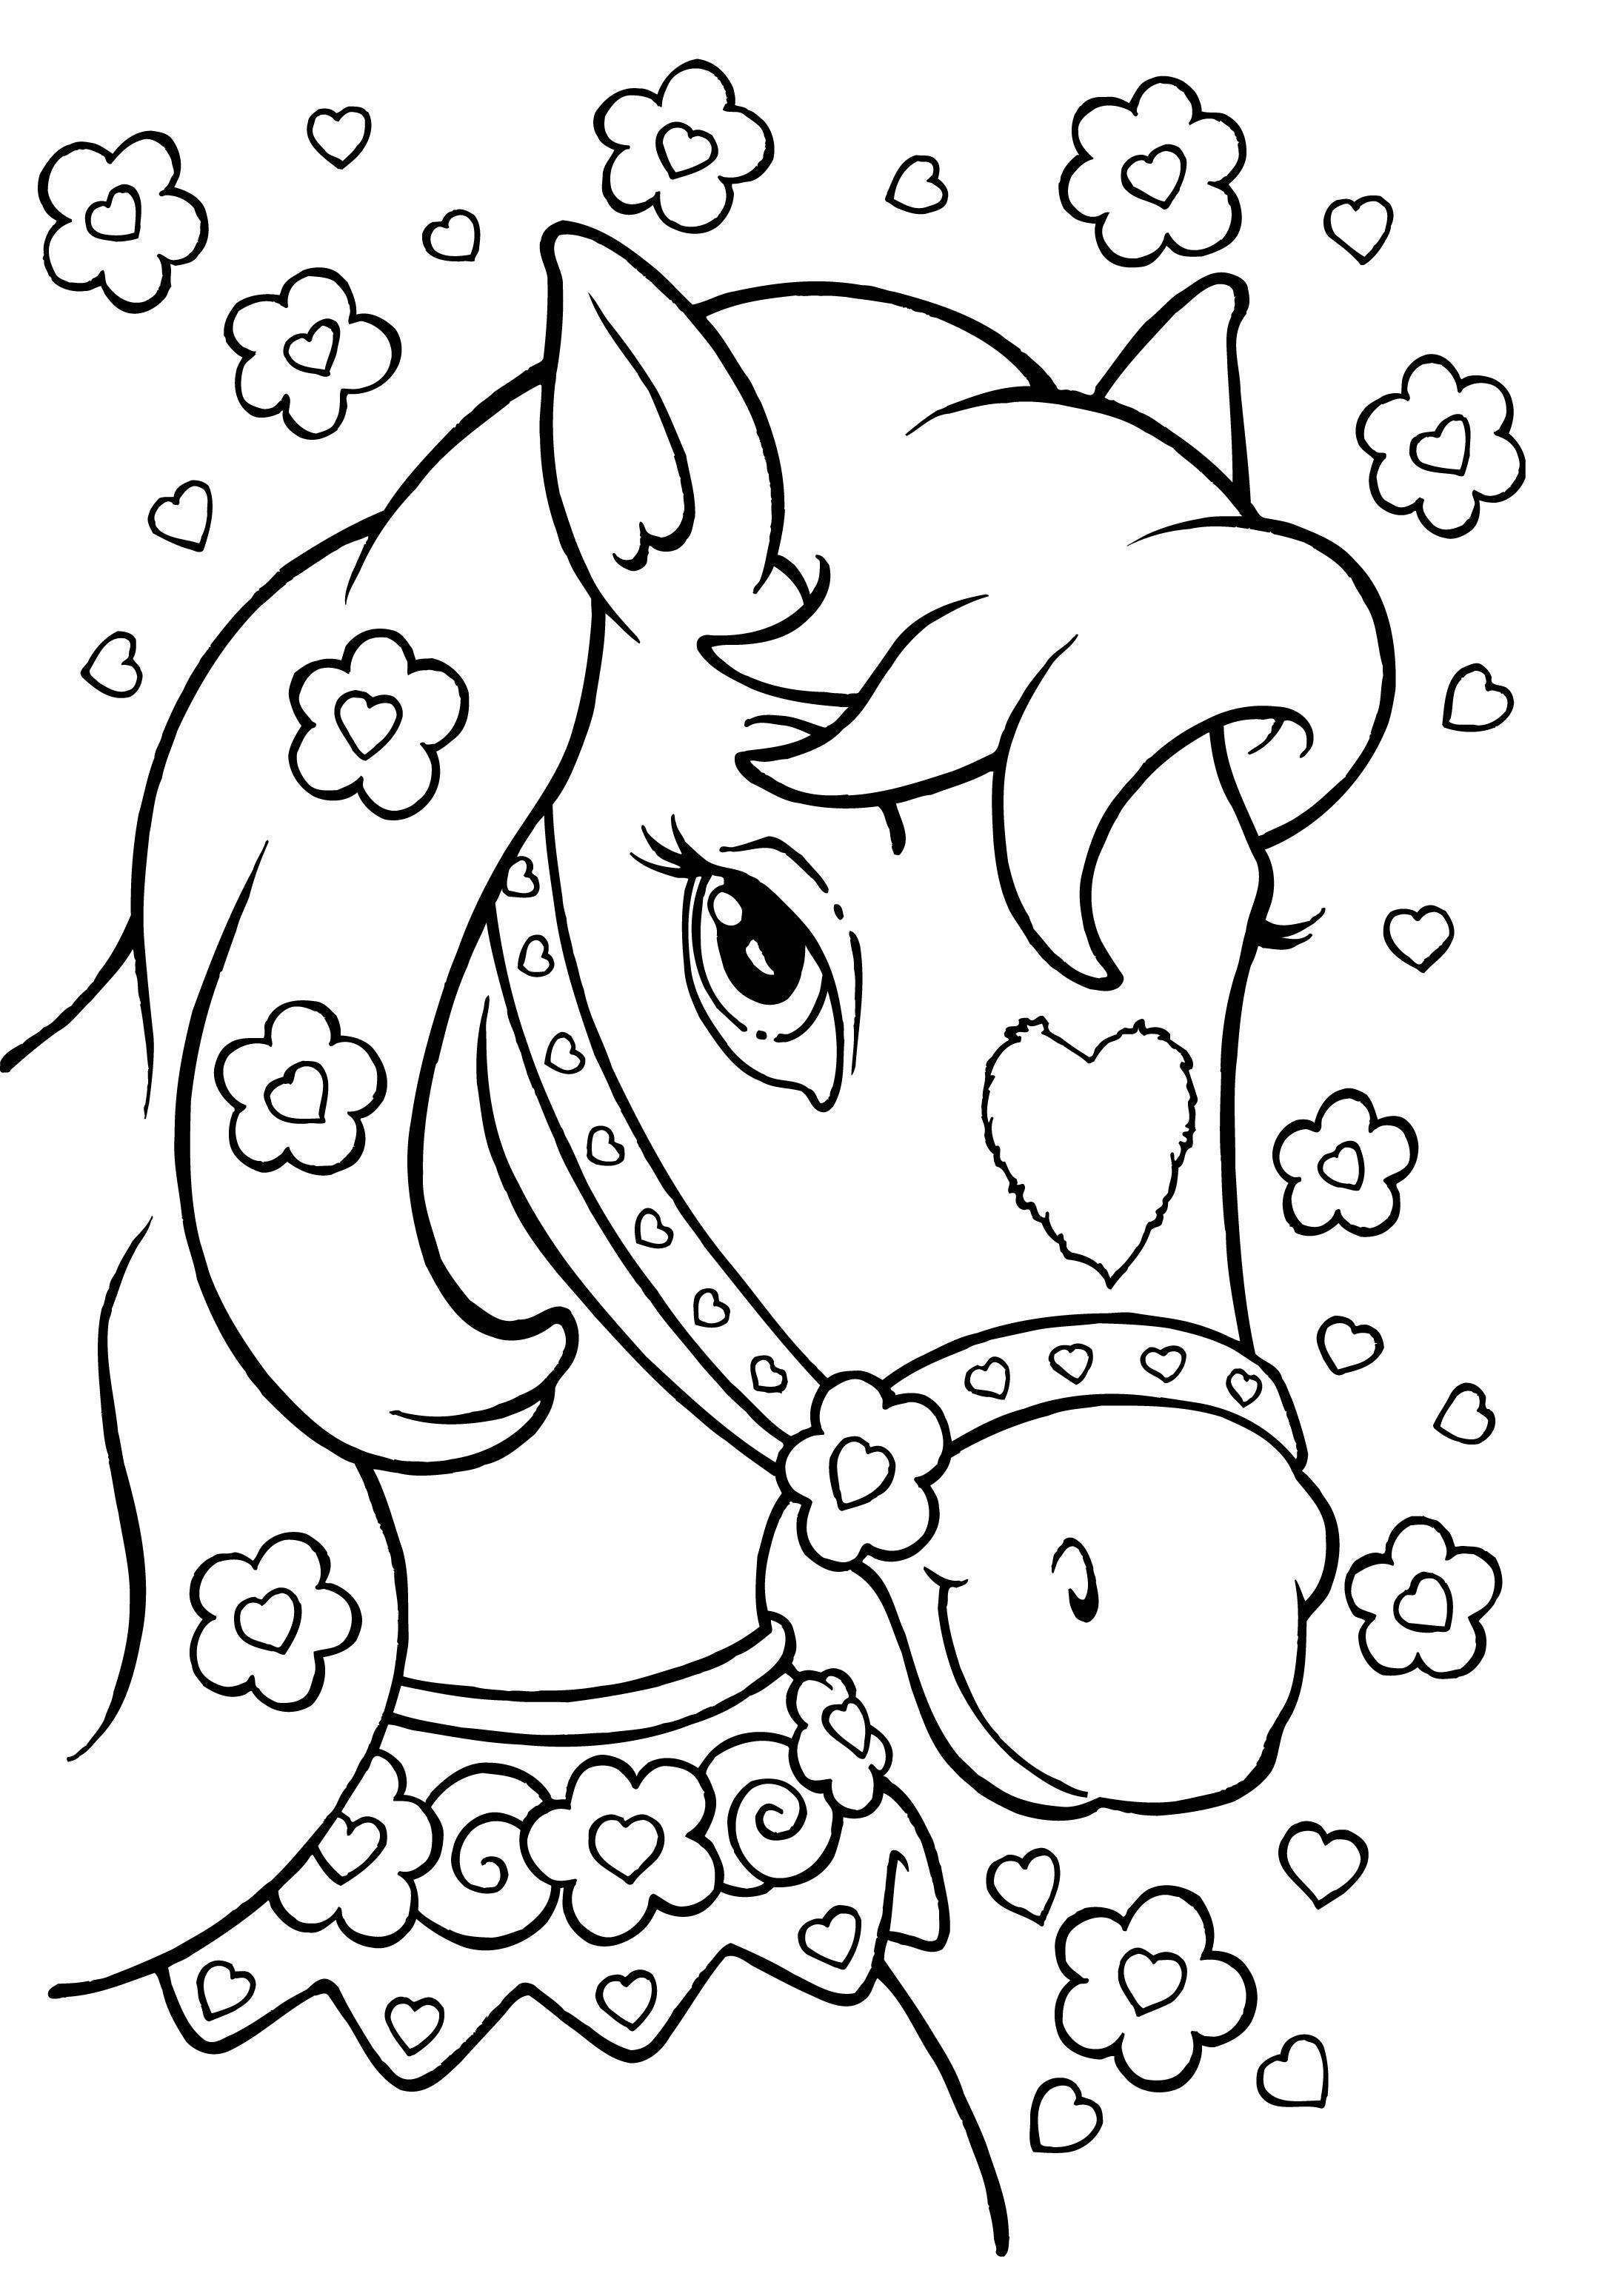 Лошадь с сердечком на мордочке Раскраски для девочек бесплатно